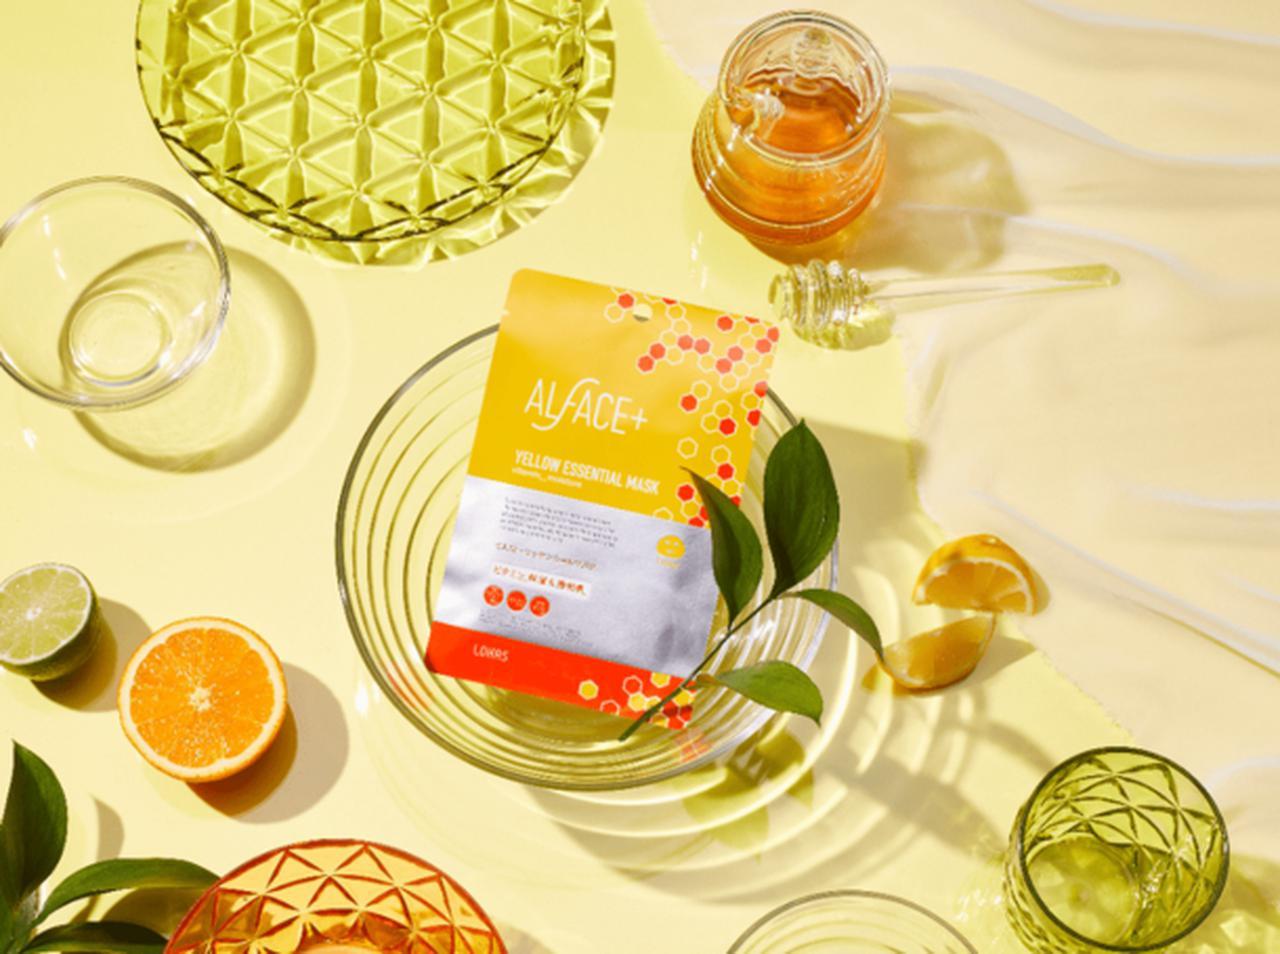 画像1: まるで包む美容液!フェイスマスクブランドオルフェスから ビタミンをコンセプトにしたアイテムが新発売!